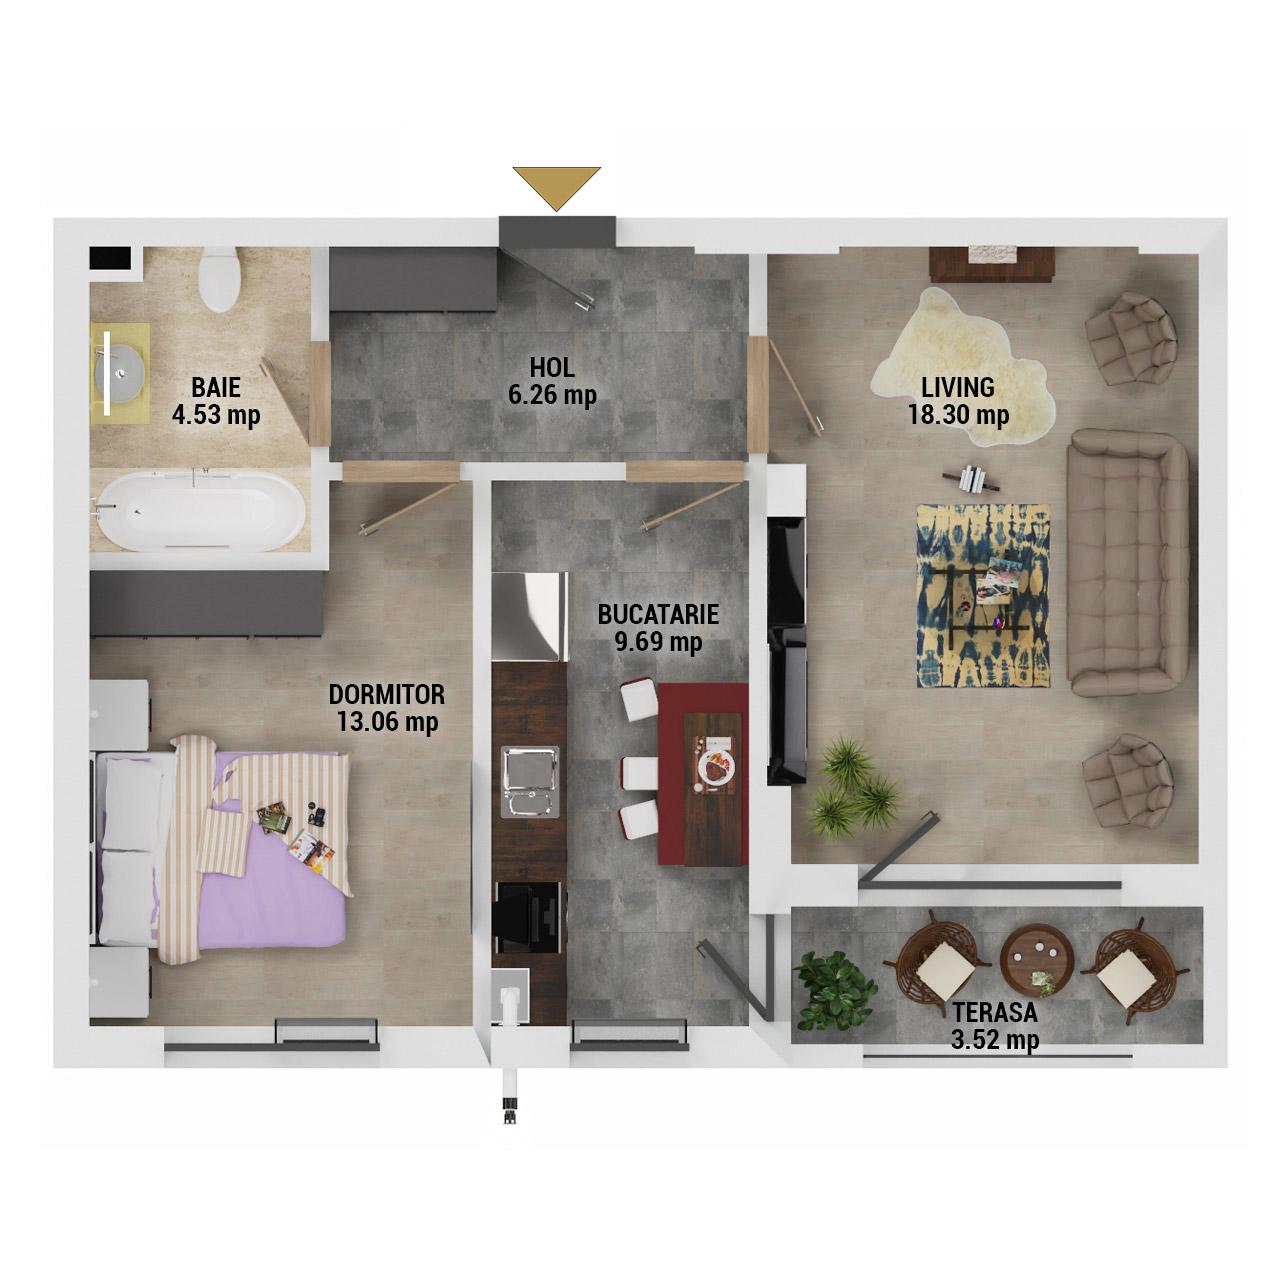 Apartament 2 camere de vanzare Bucuresti - Uverturii Residence - Militari - Lujerului - Gorjului - Tip 4D - T3 - G